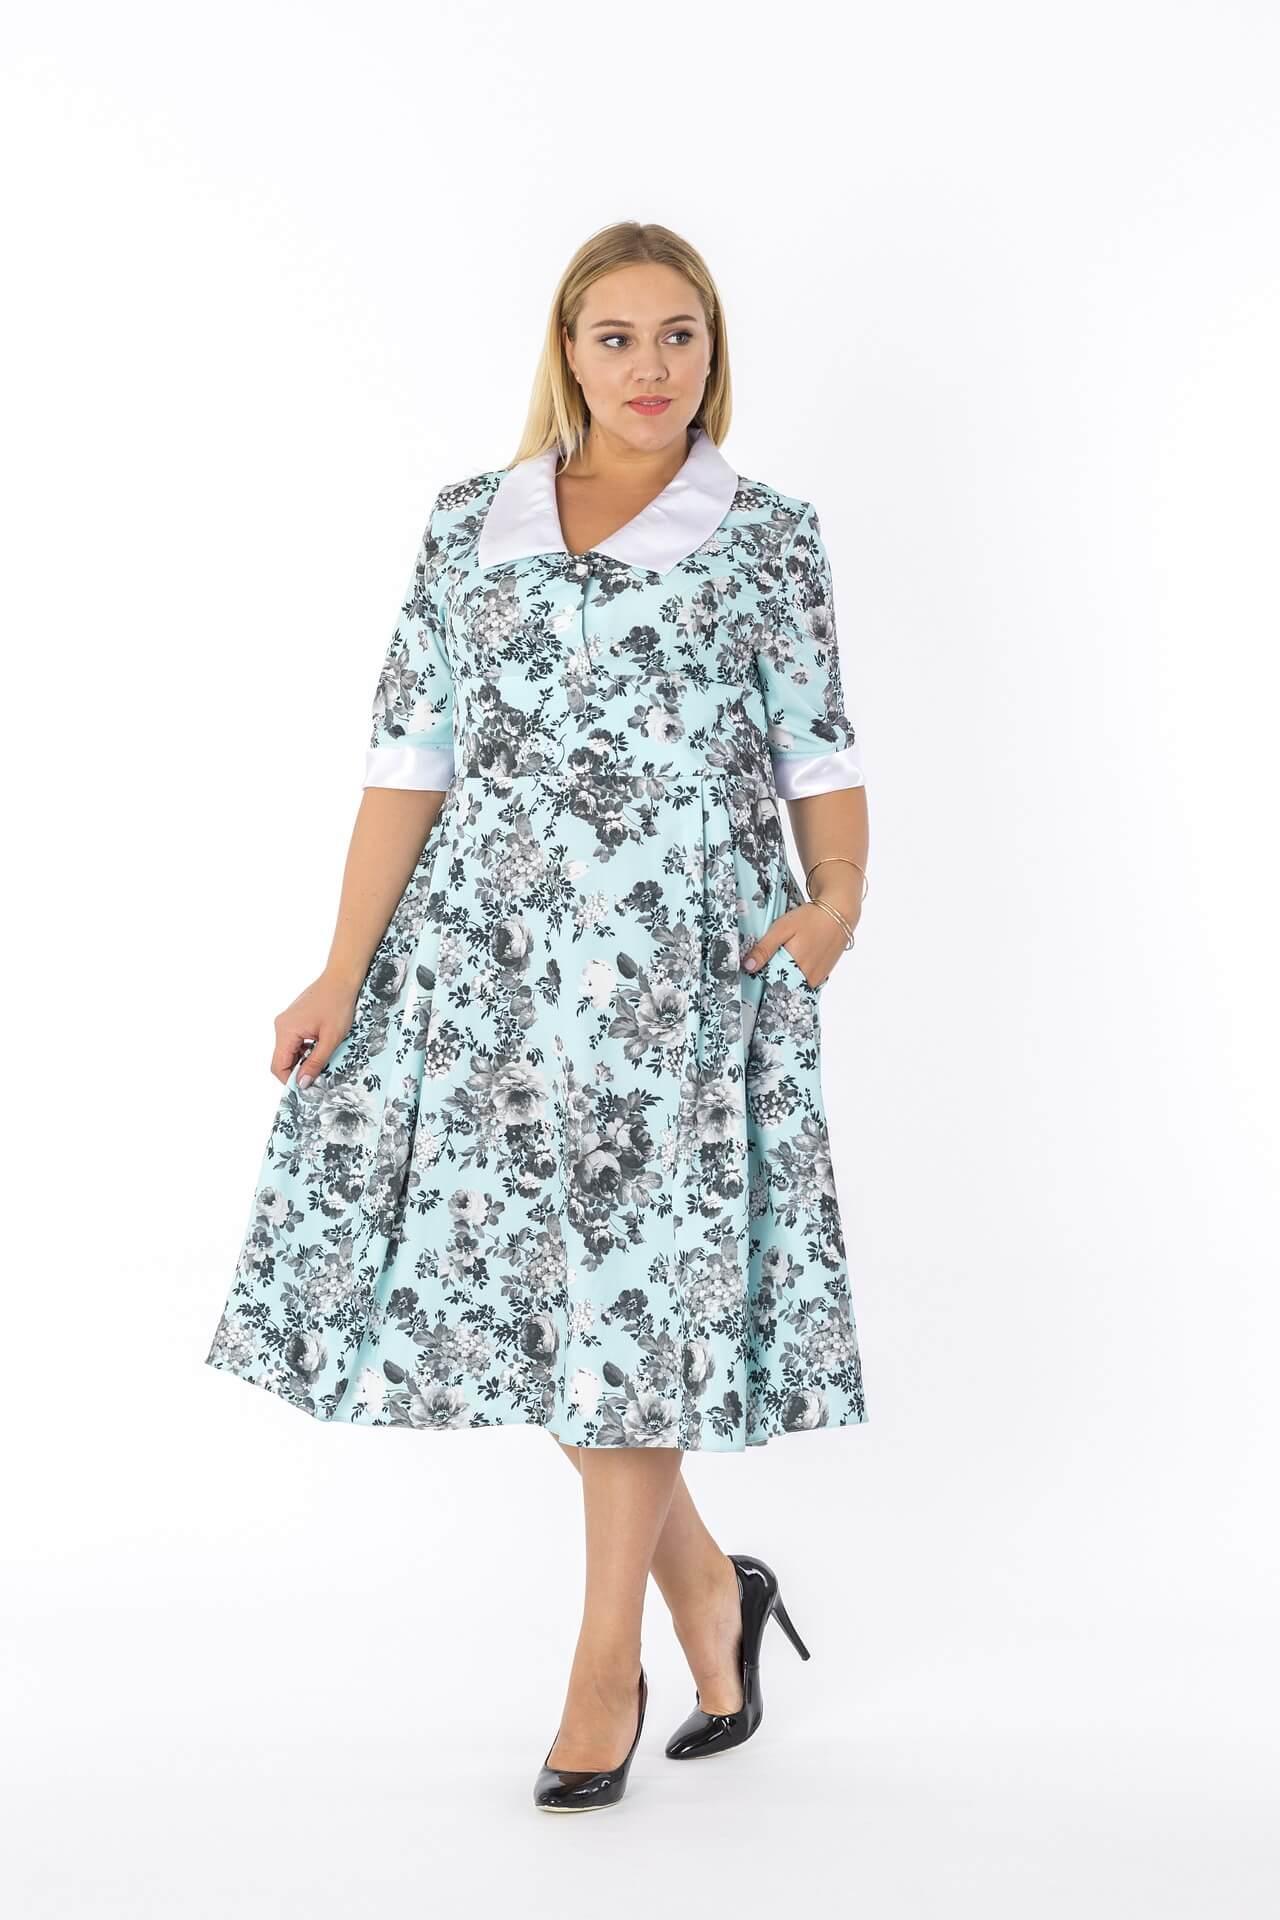 Ein Midi-Kleid und Pumps sind eine gute Kombination für mollige Frauen. Der Absatz streckt optisch und der Stoff des Kleides fällt fließend.